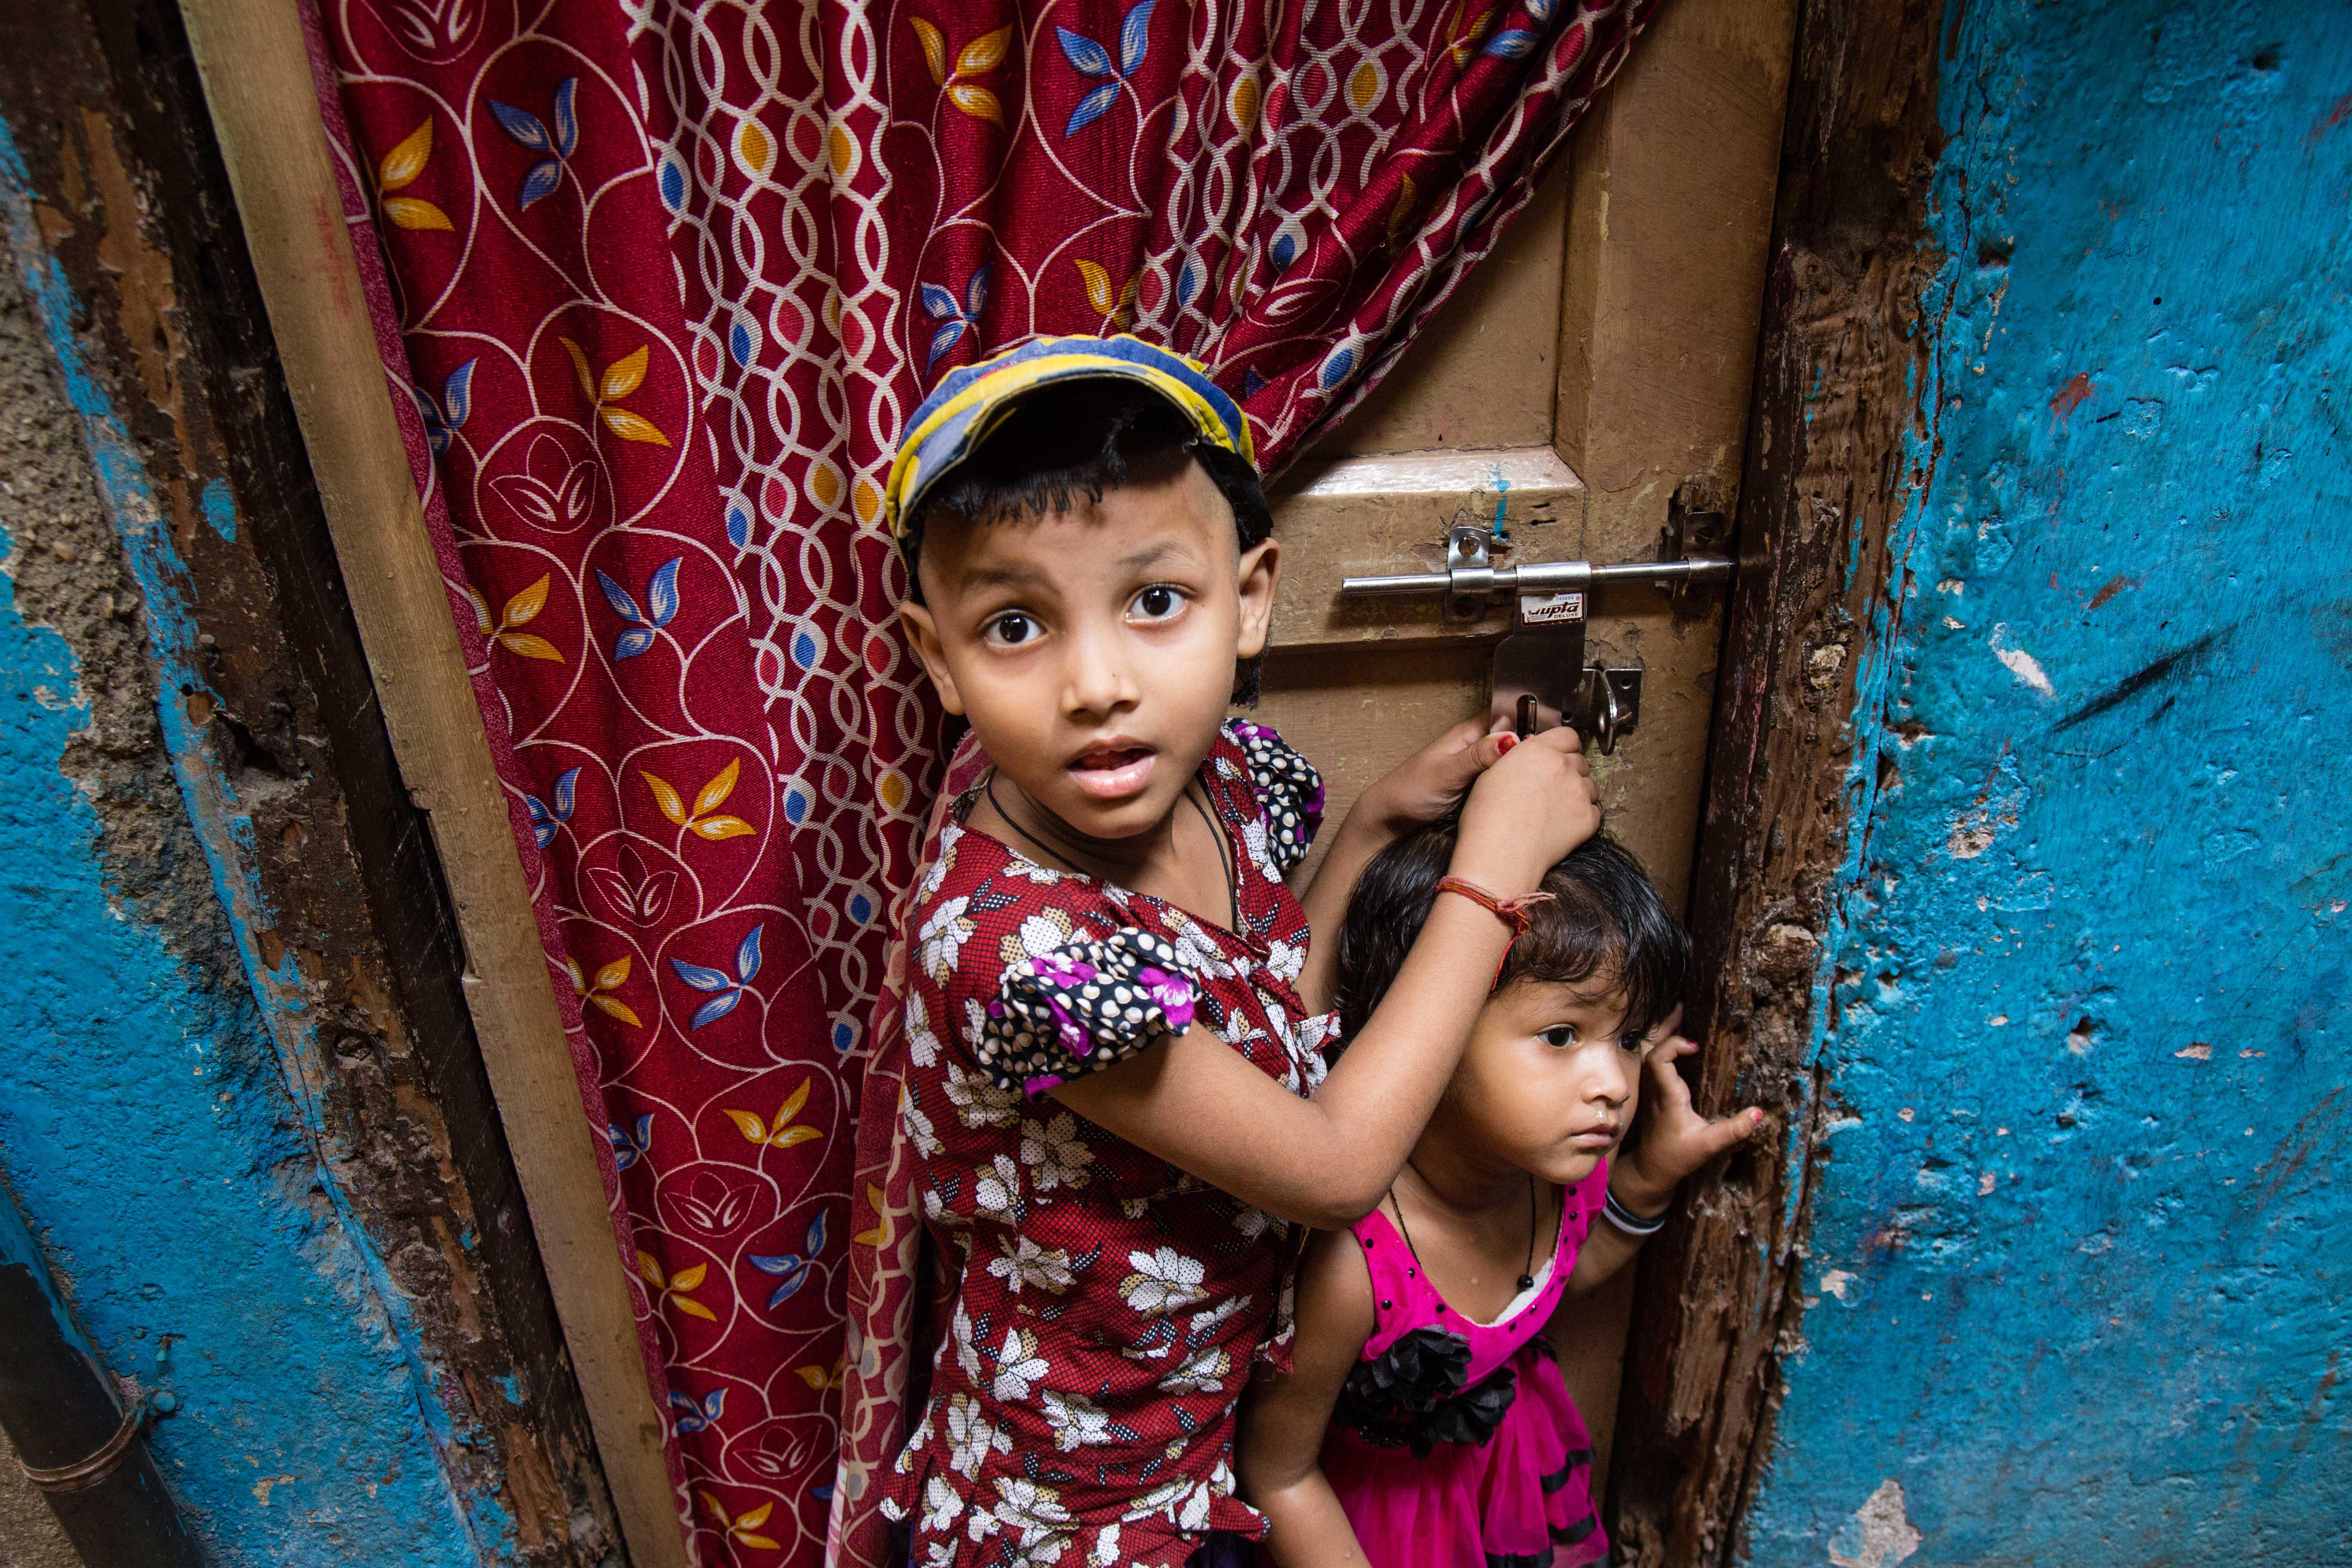 Mumbai (Bombay), slums smiles.